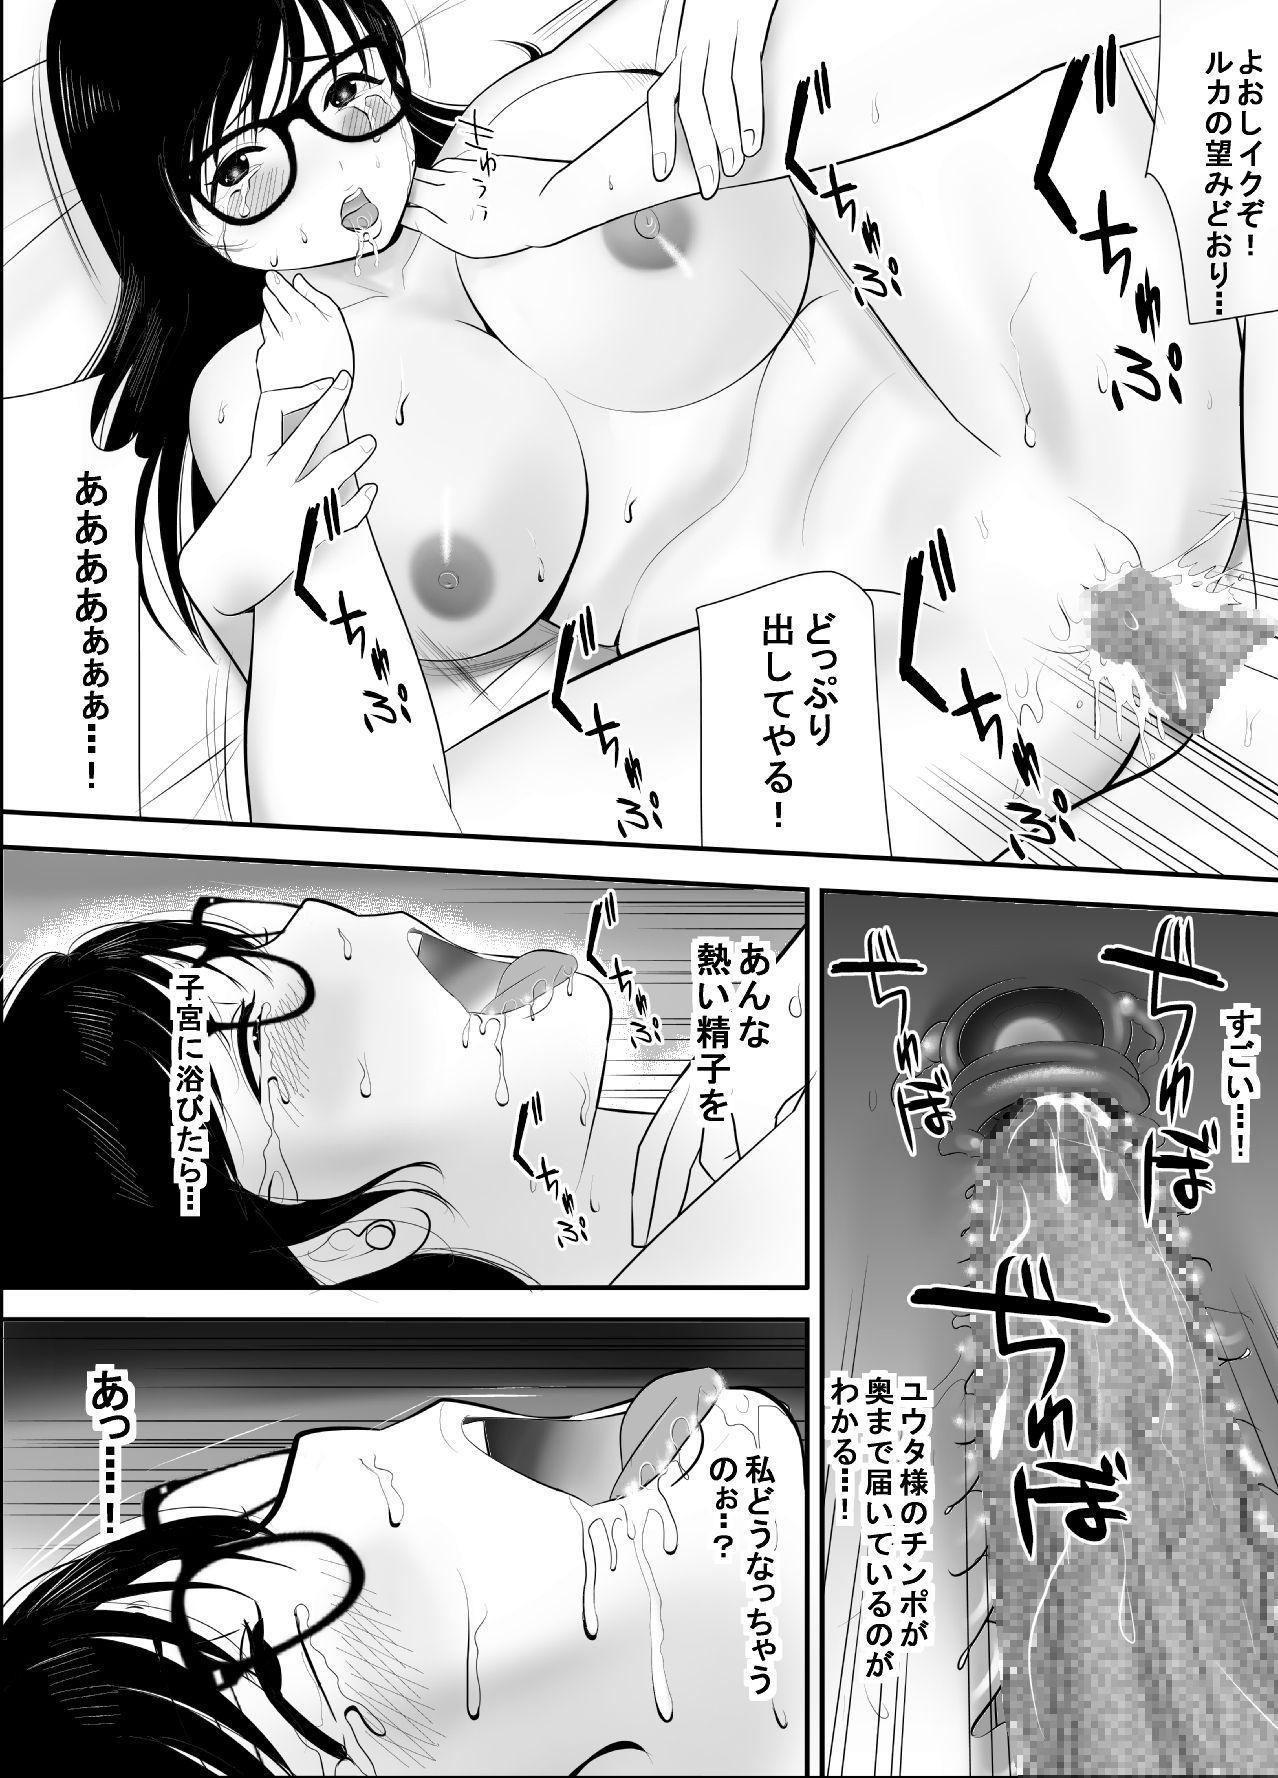 Keiken wa Nai kedo Chishiki dake Houfu na Mousou Fujoshi ga Gachi Kairaku ni Ochiru made 48